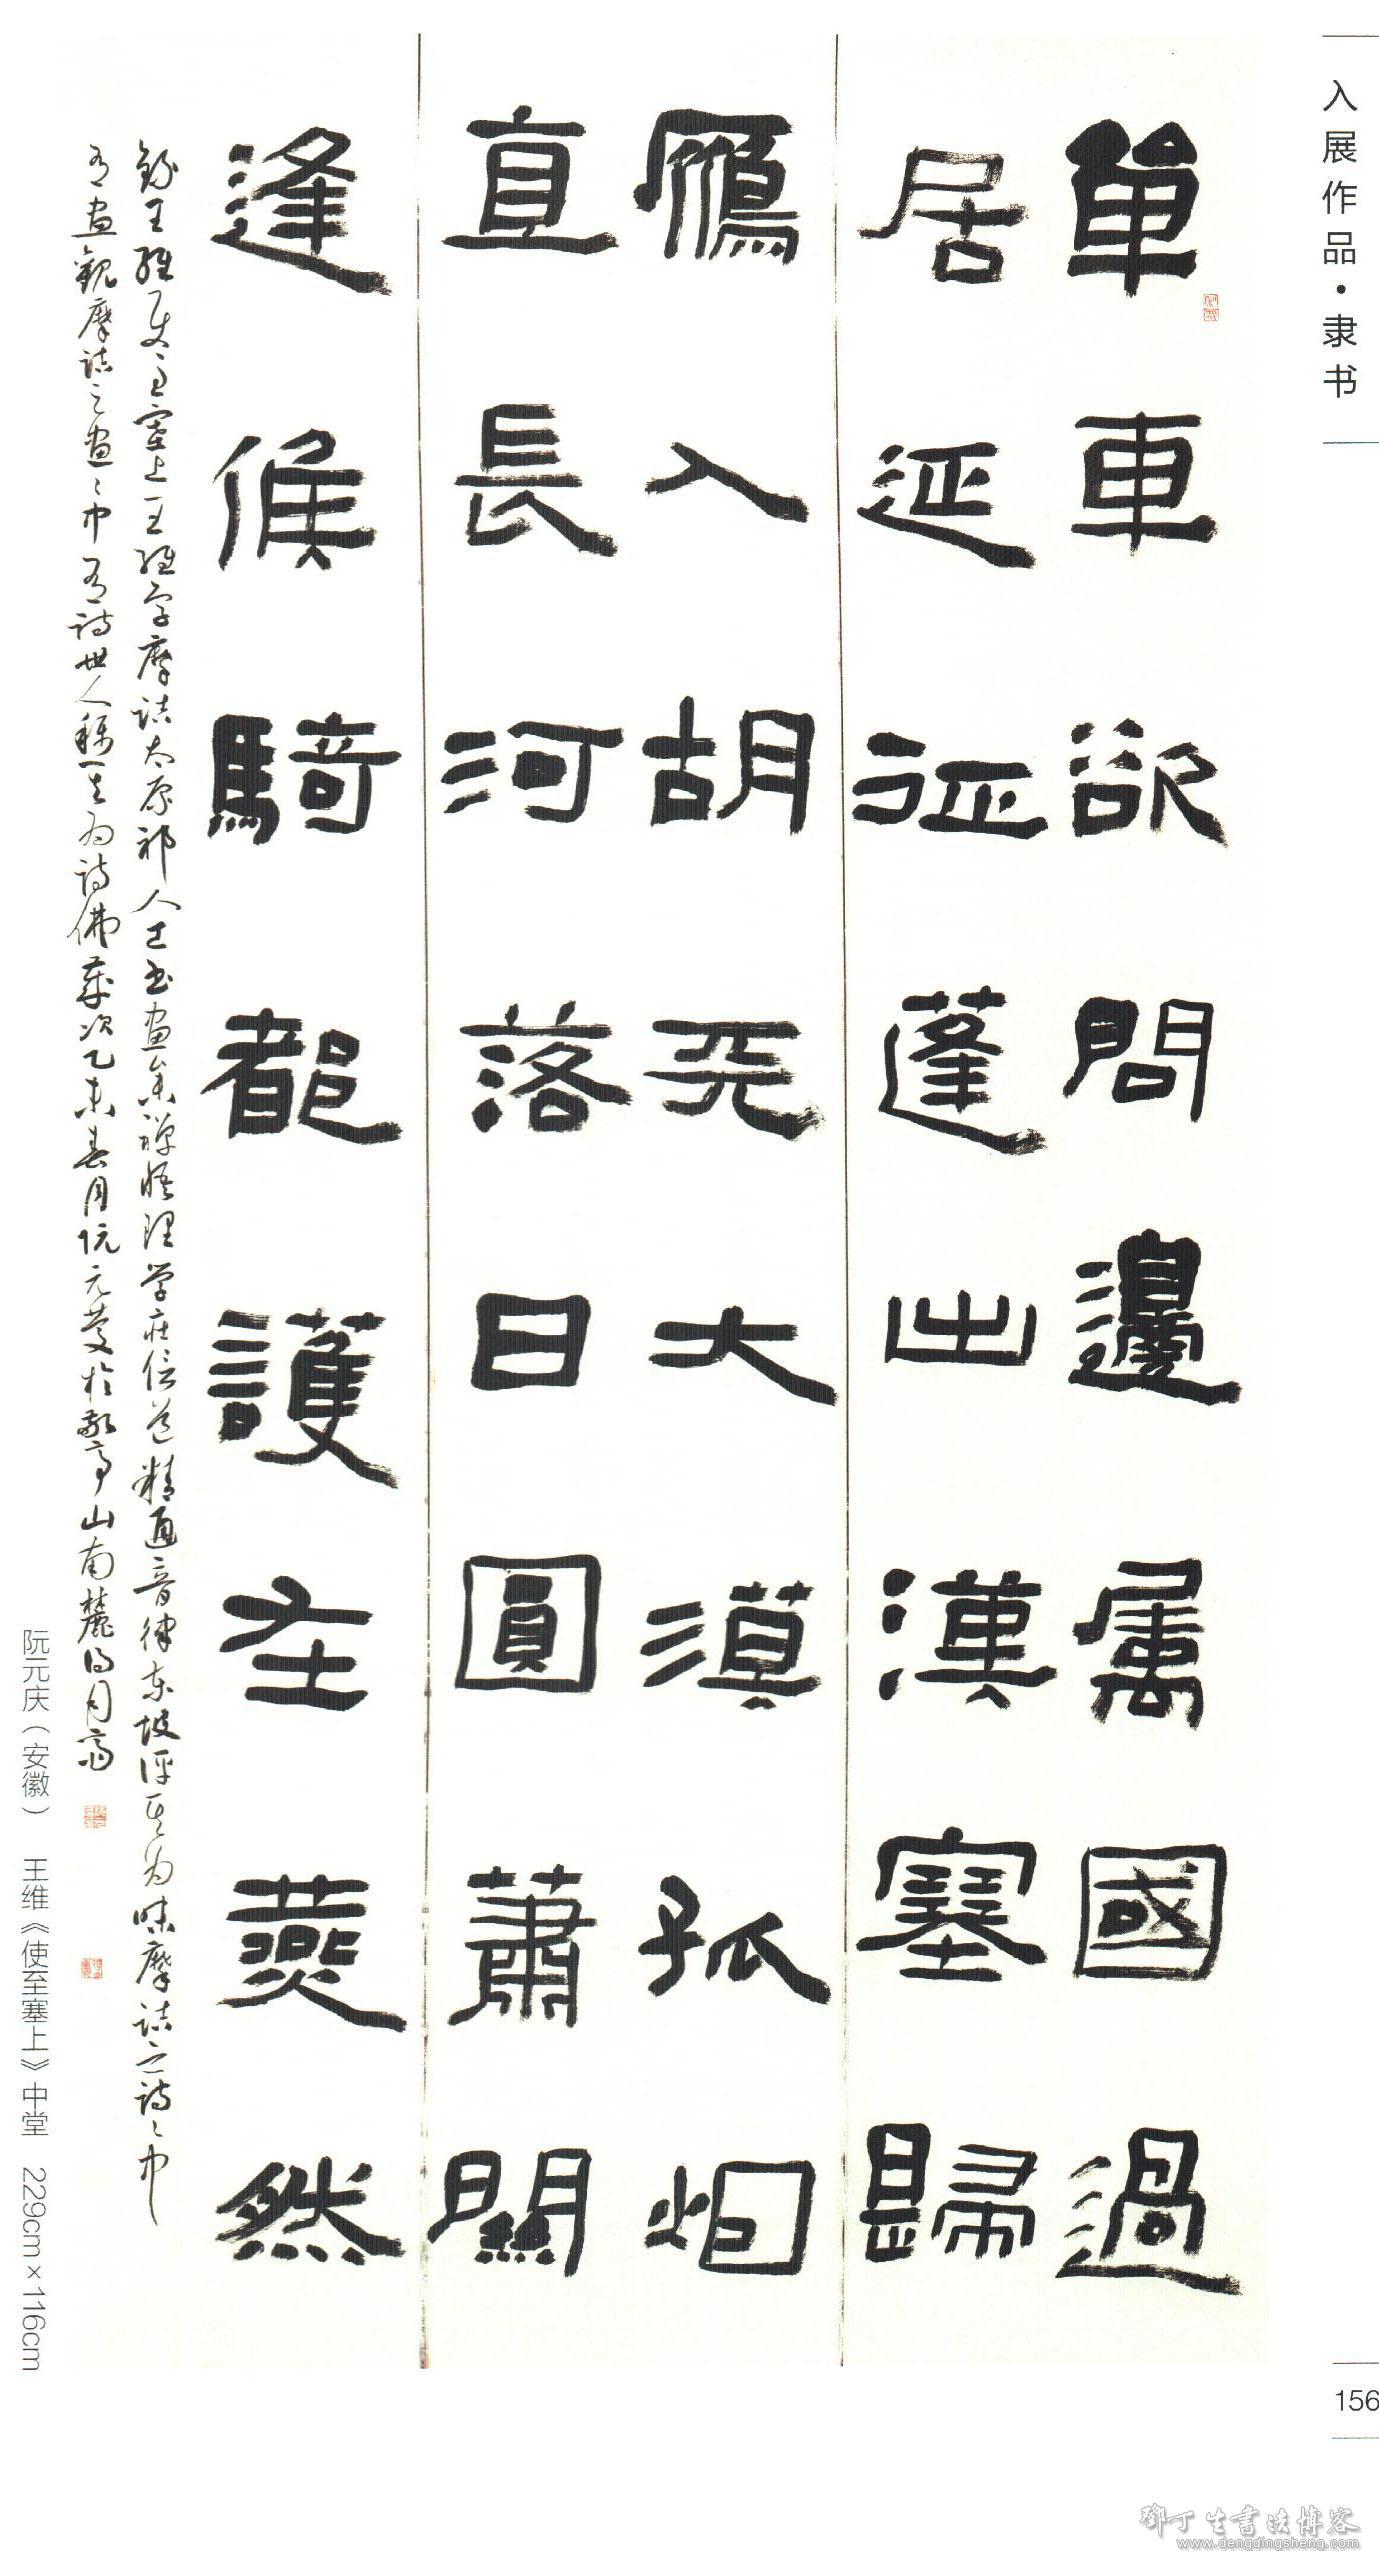 安徽阮元庆十一届国展入展隶书作品